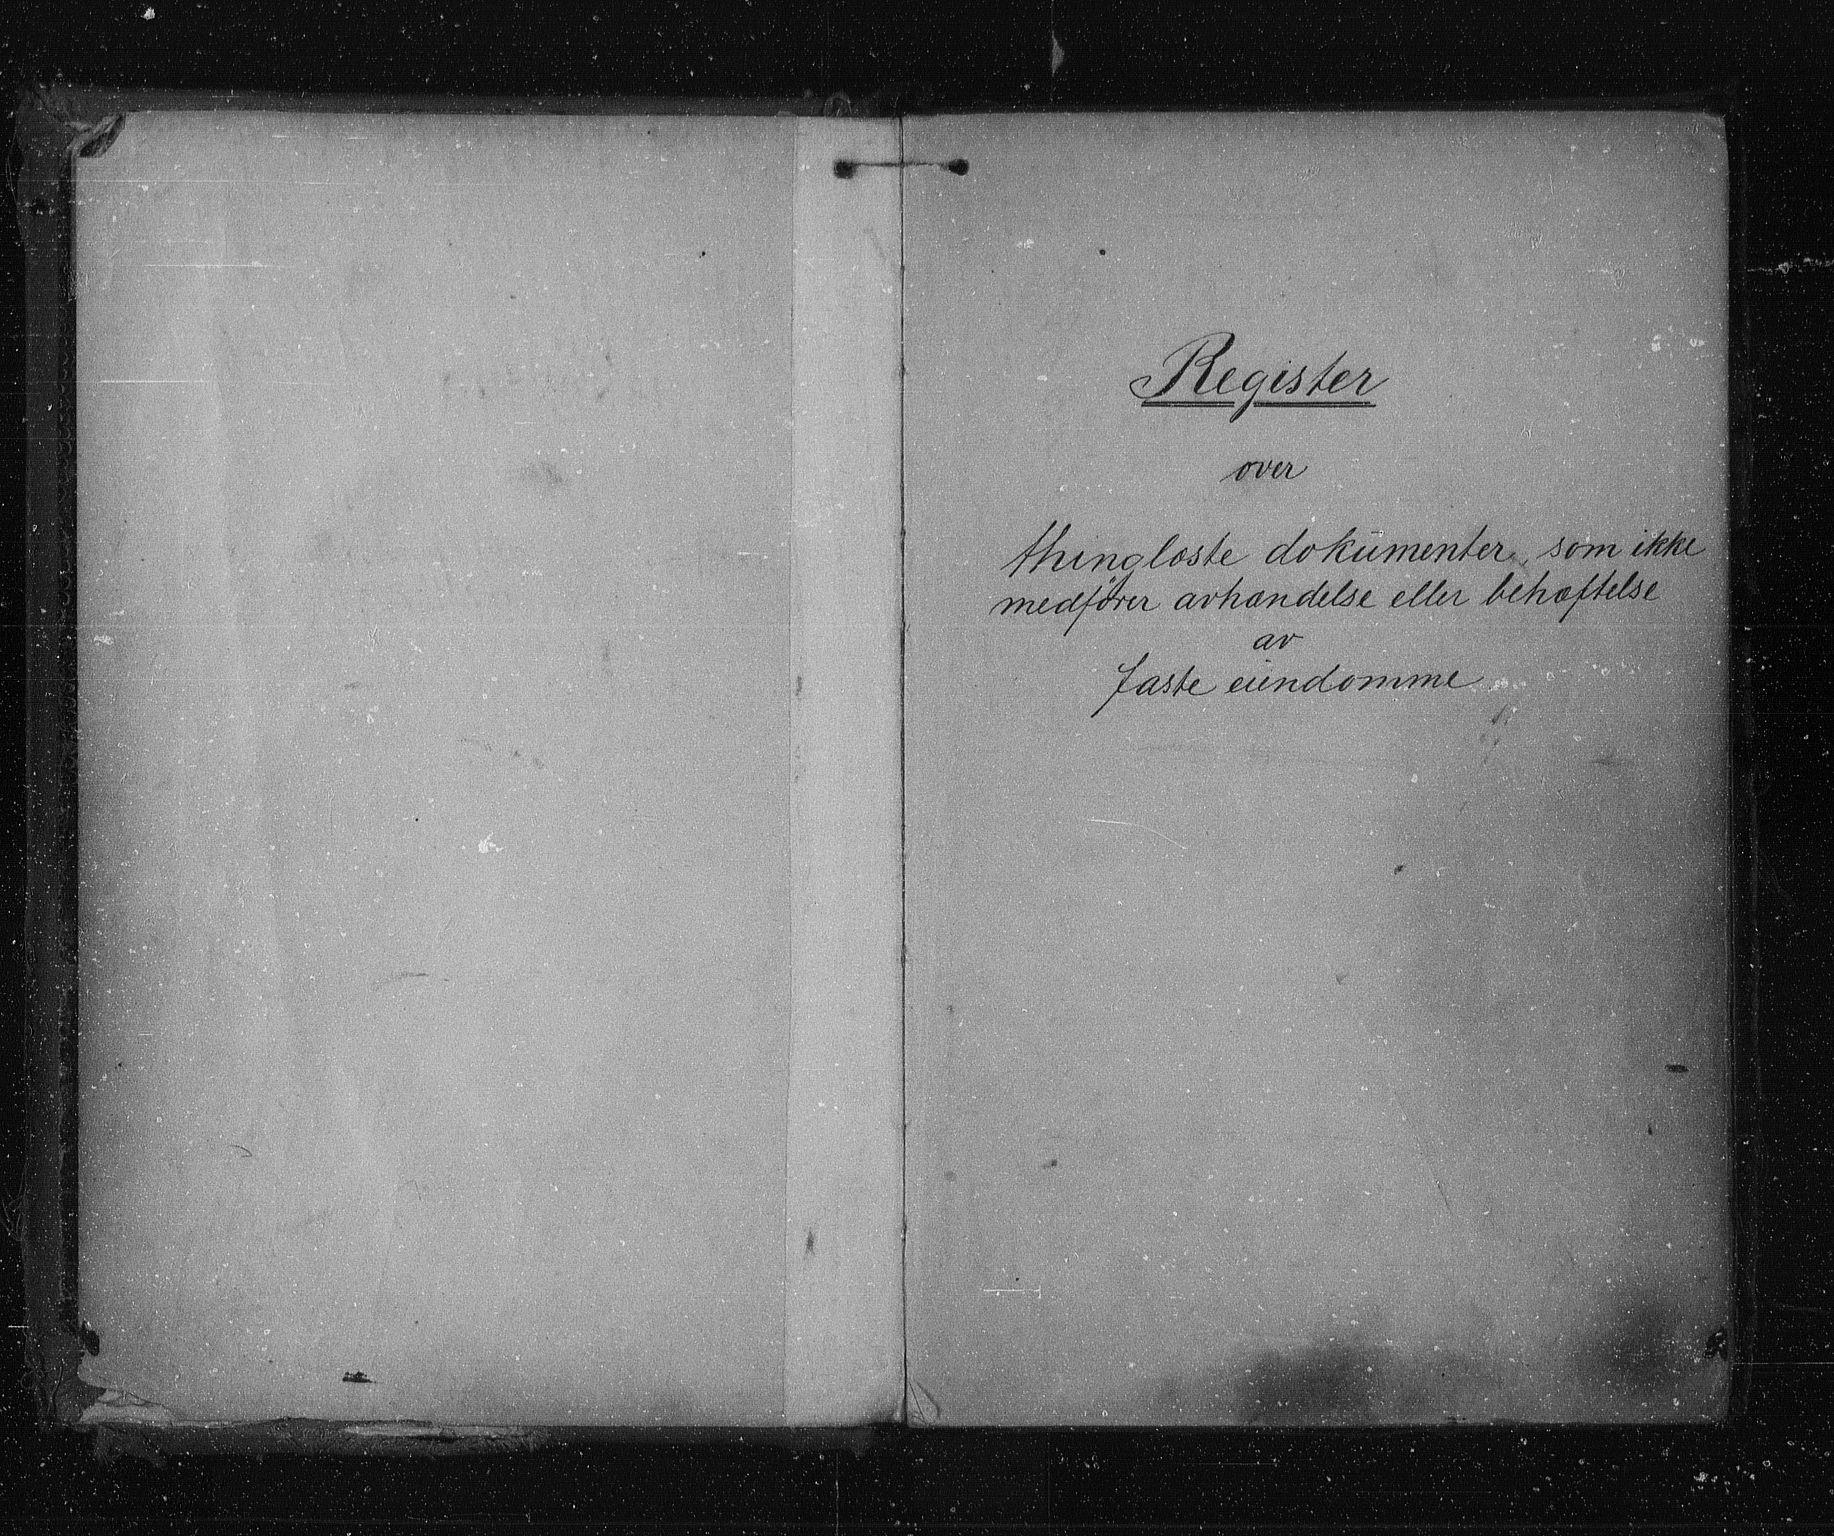 SAST, Stavanger byfogd, 4/41/410/410AA/L0002: Panteregister nr. AA 2, 1915